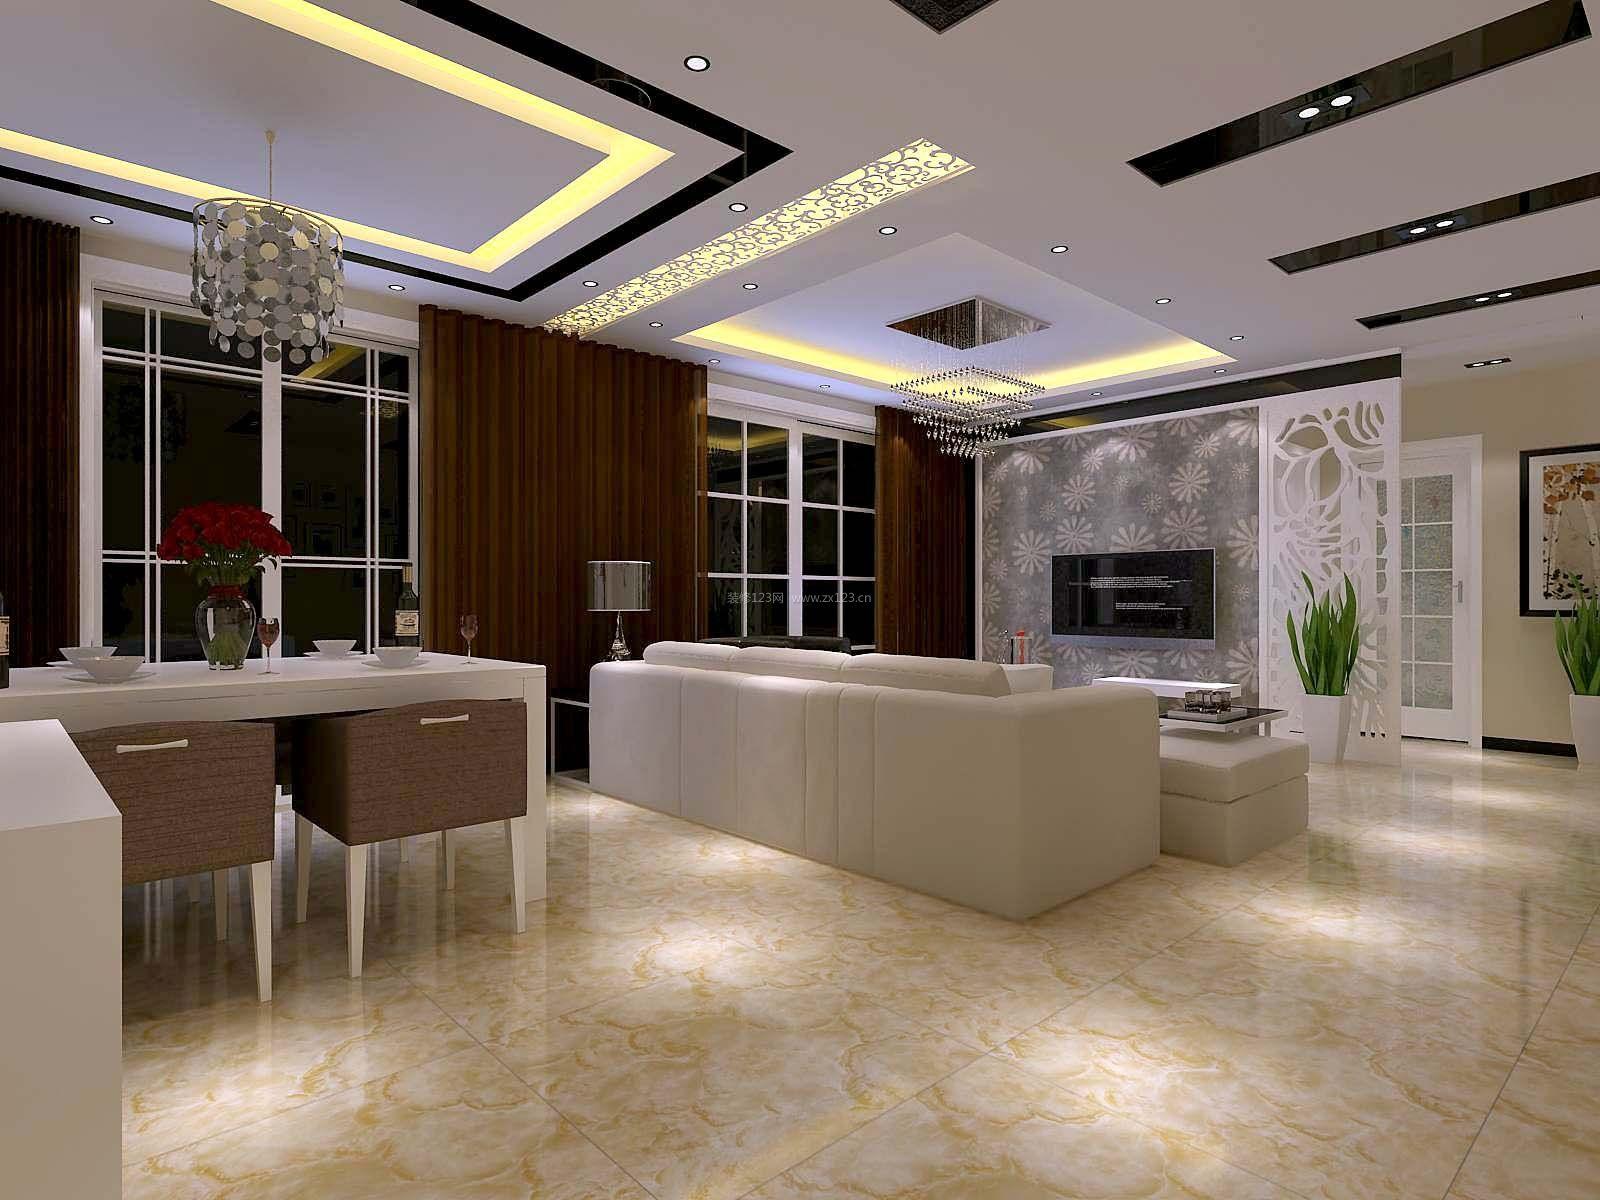 120平方大户型房屋样板房装修图片赏析